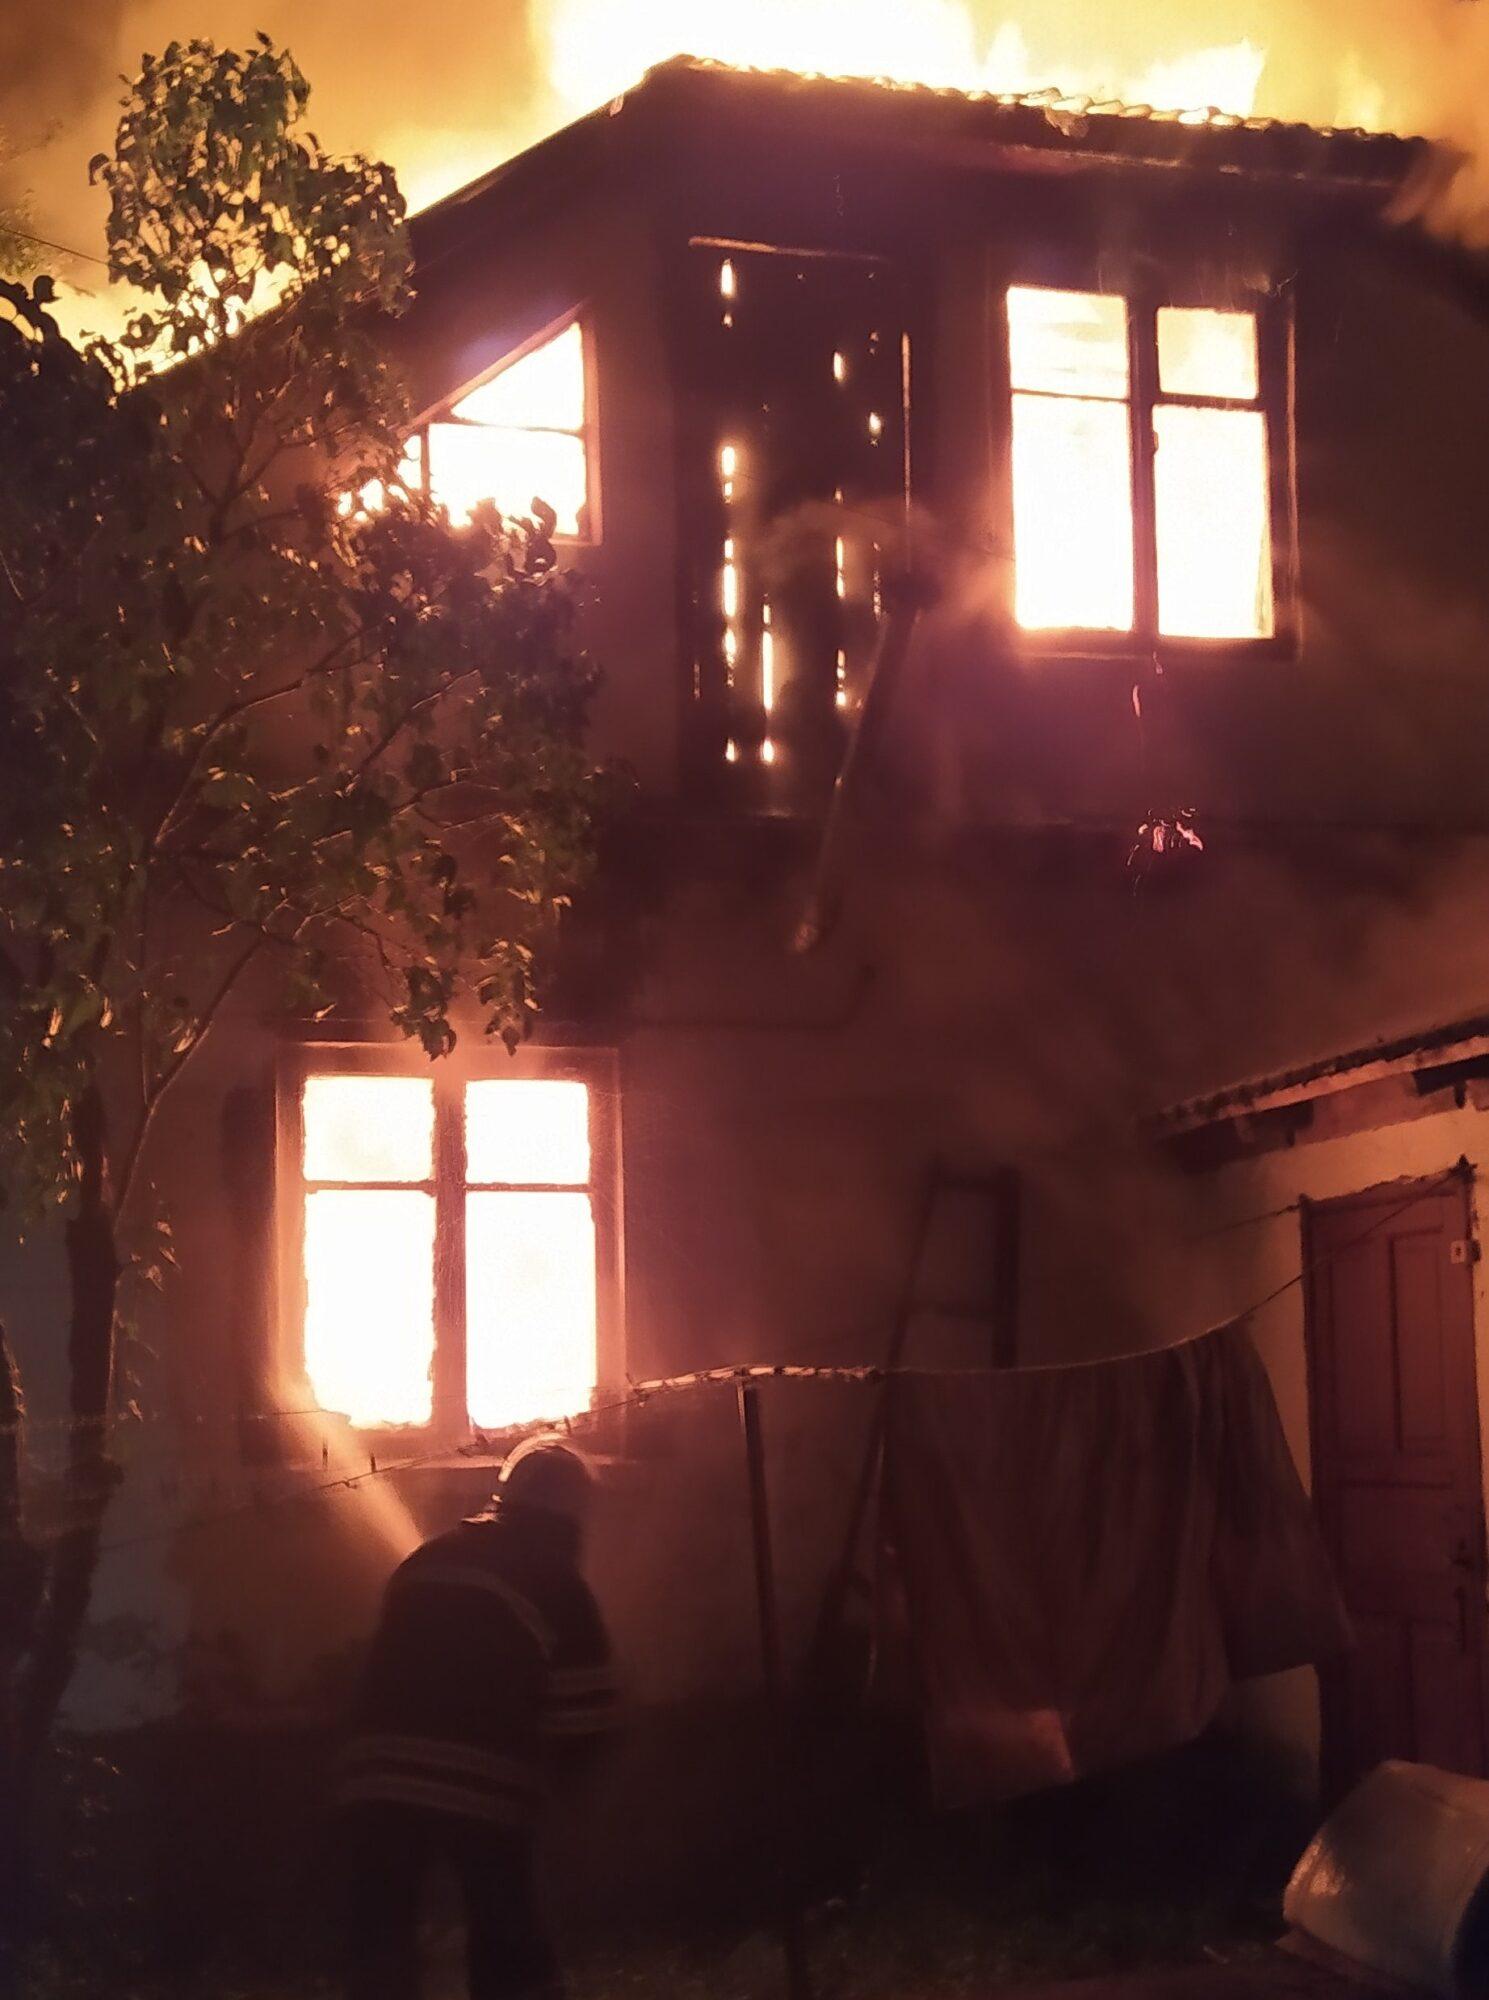 На Бориспільщині повністю згорів будинок - пожежа, ГУ ДСНС у Київськійобласті - IMG 20201020 001231 1489x2000